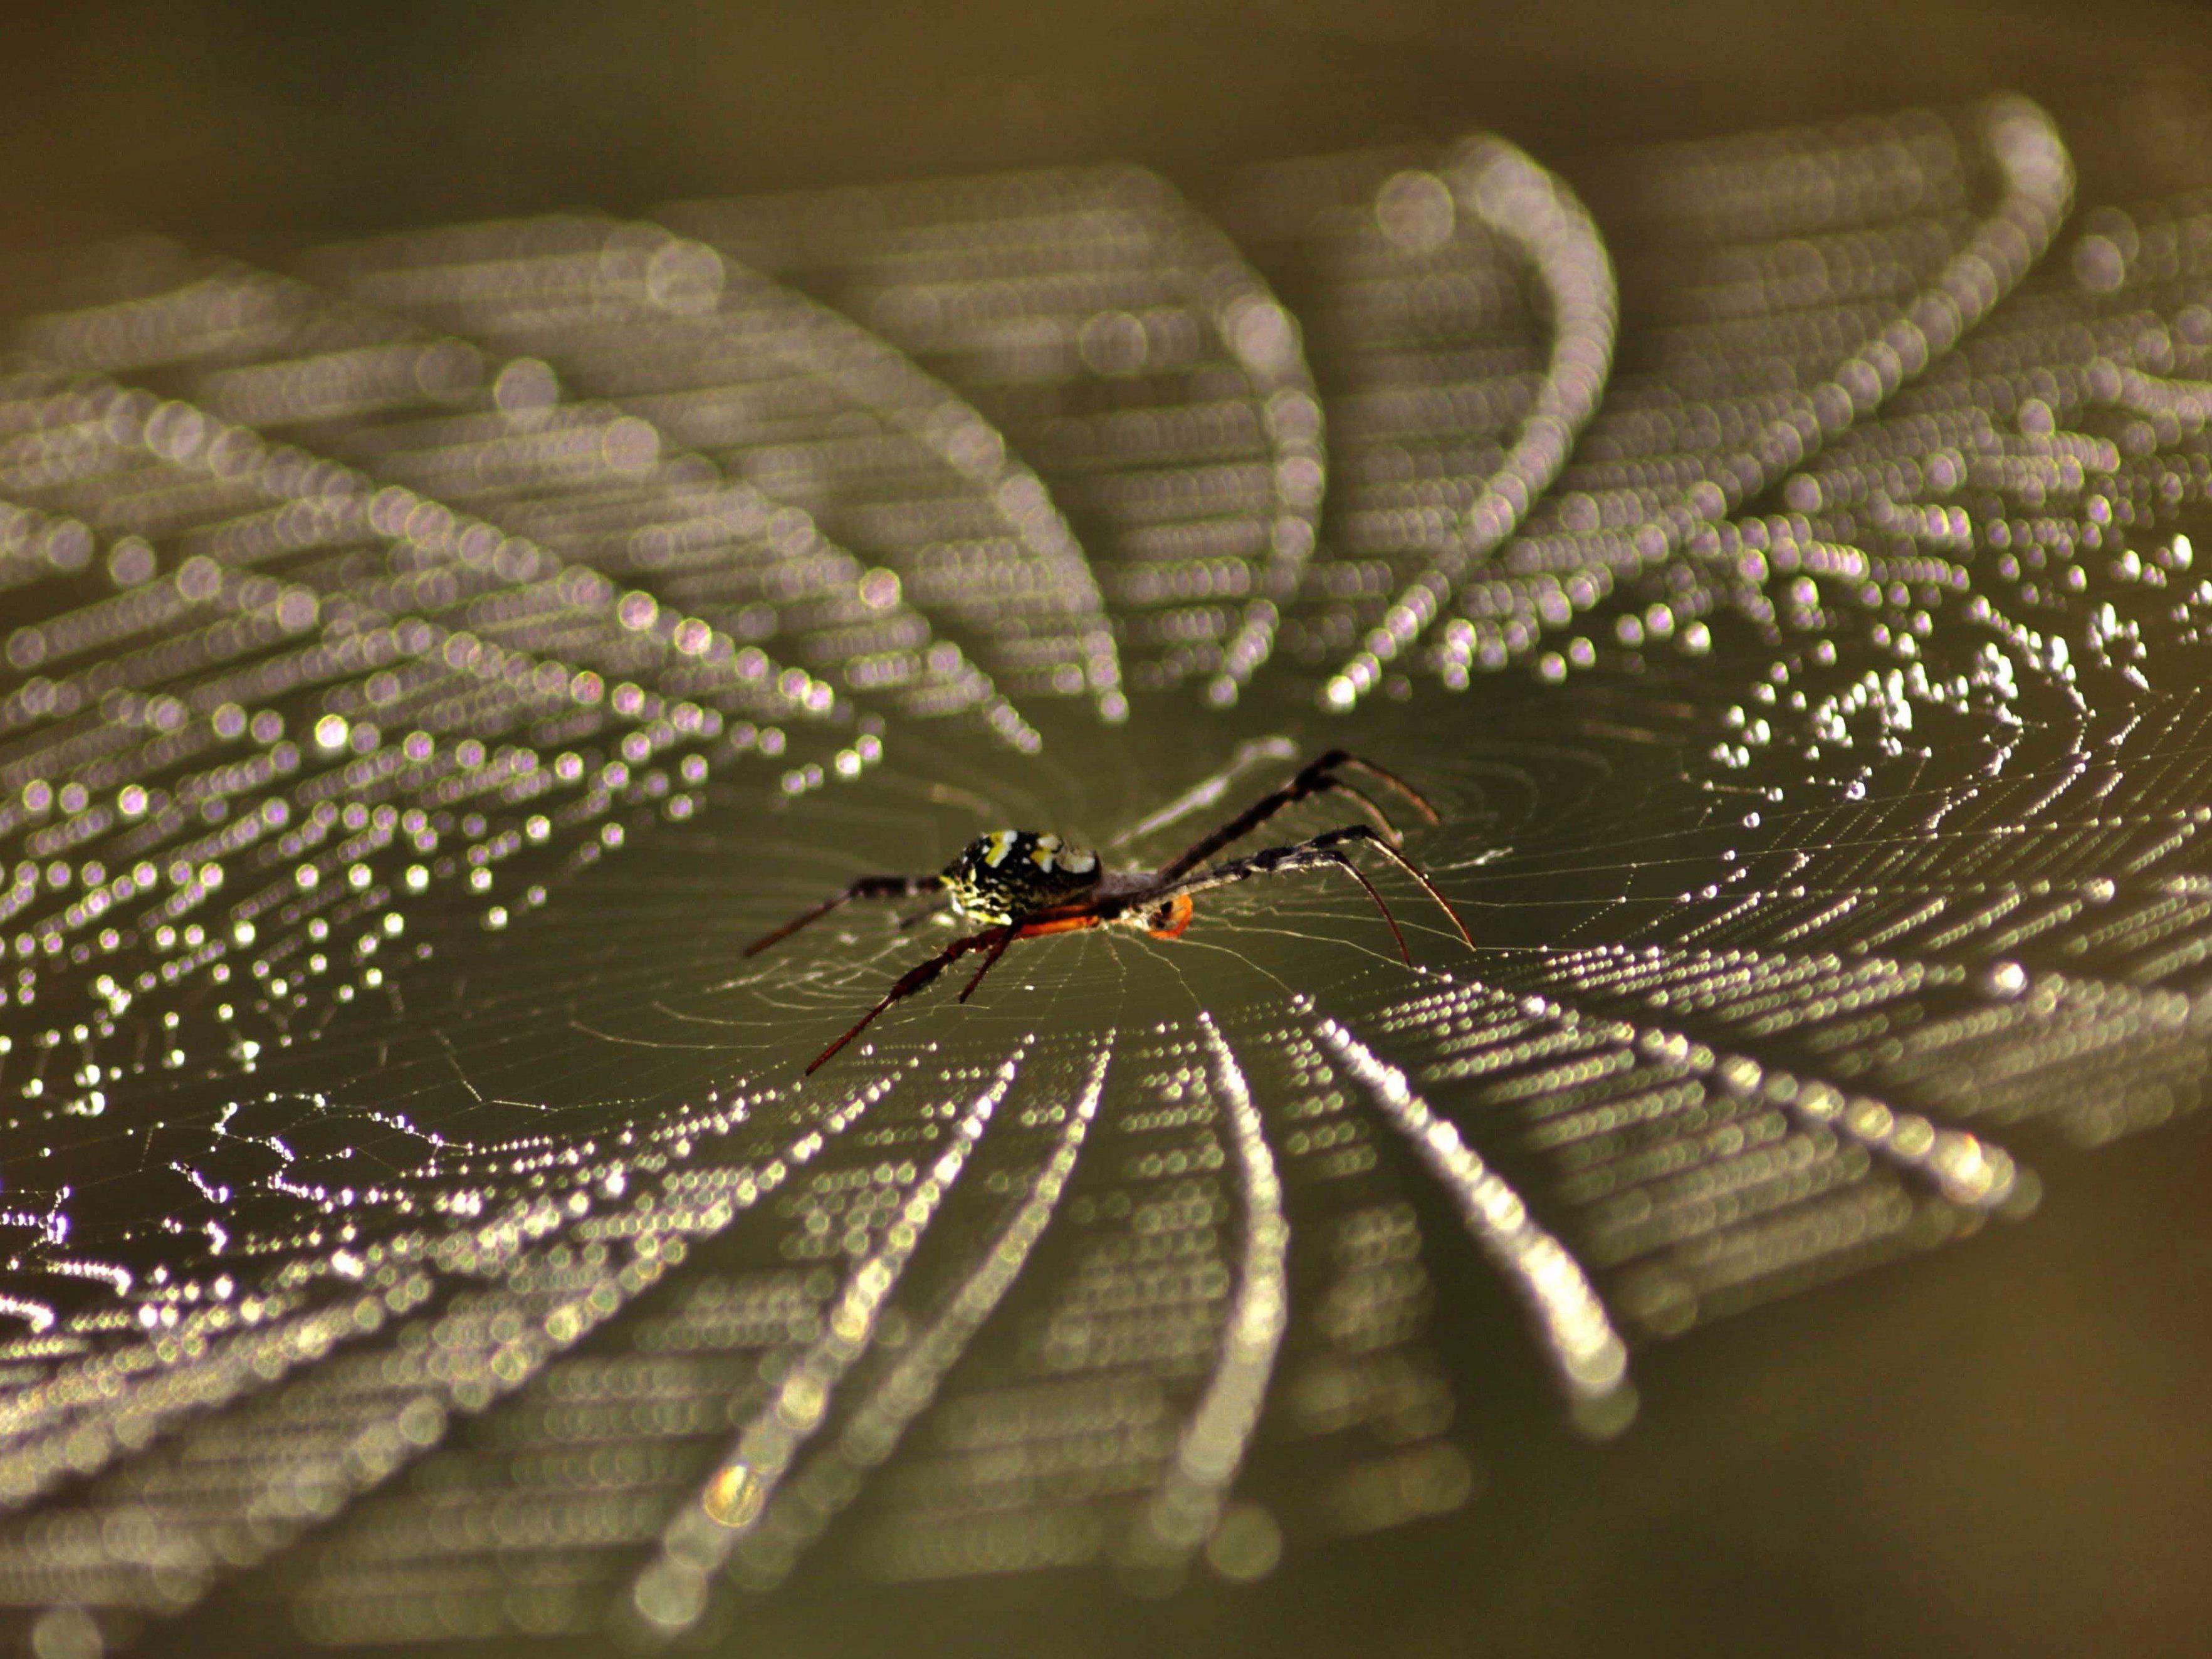 Forscher haben herausgefunden, wie genau Spinnen Seide produzieren.